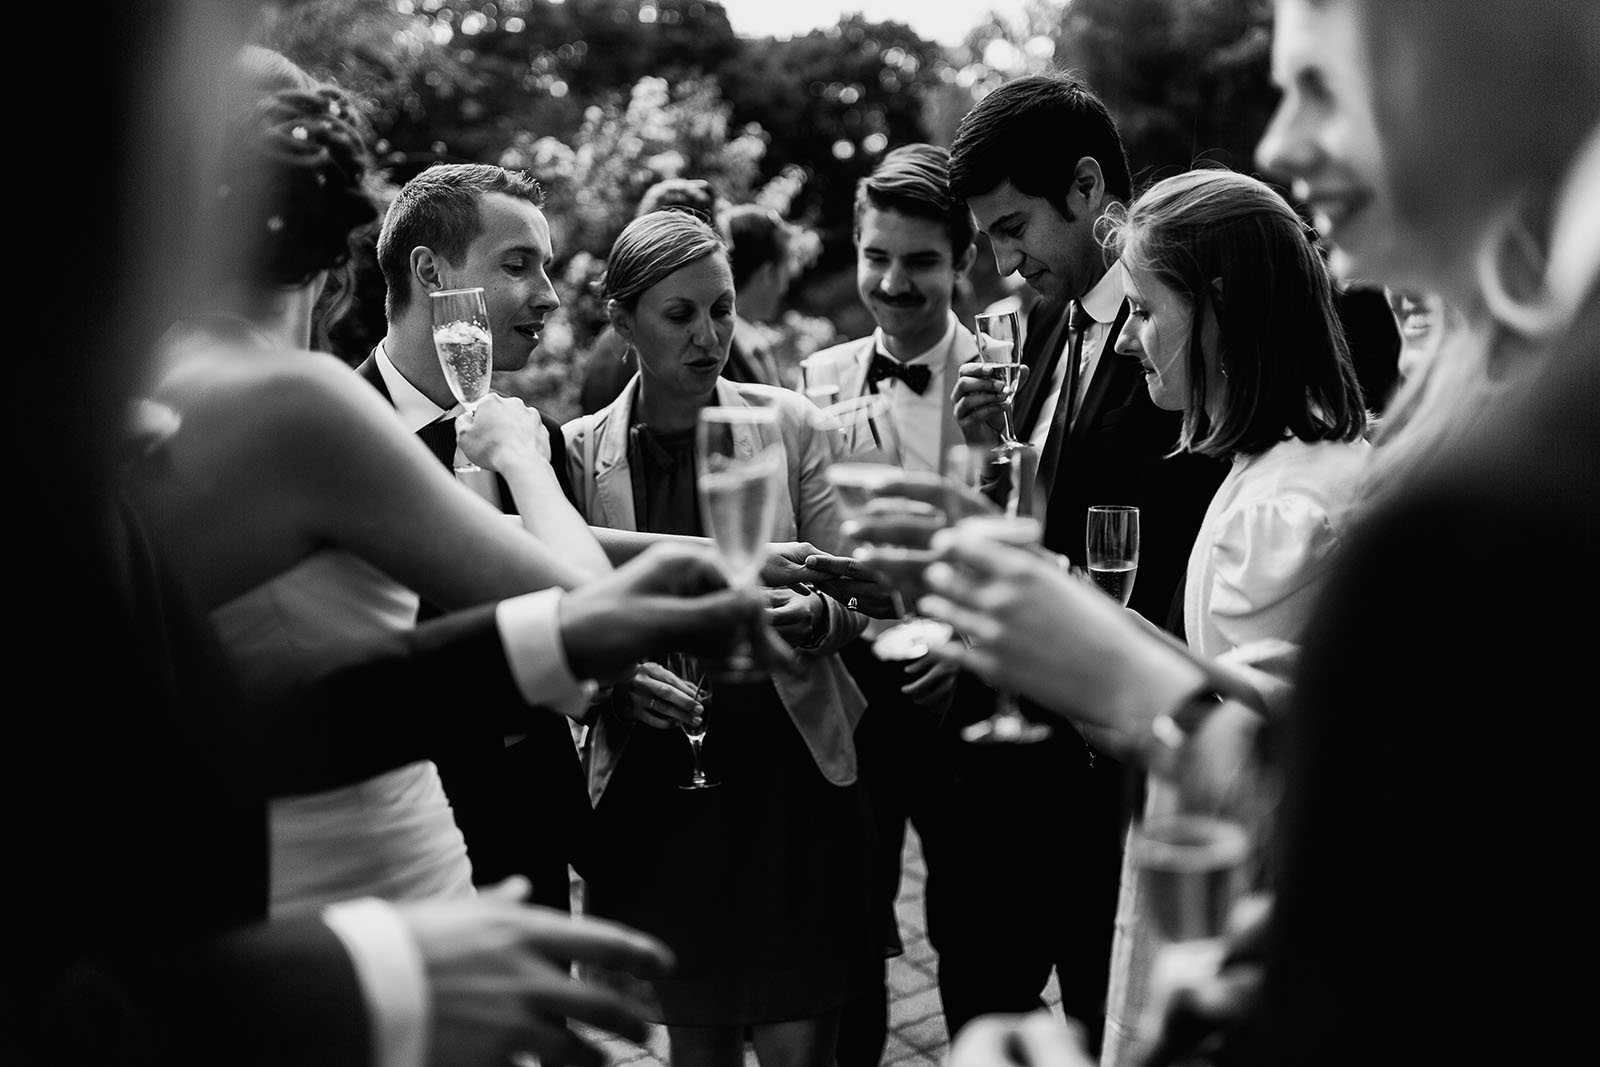 Mariage au Manoir de Corny en Normandie. Les mariés montrent leurs alliances aux invités